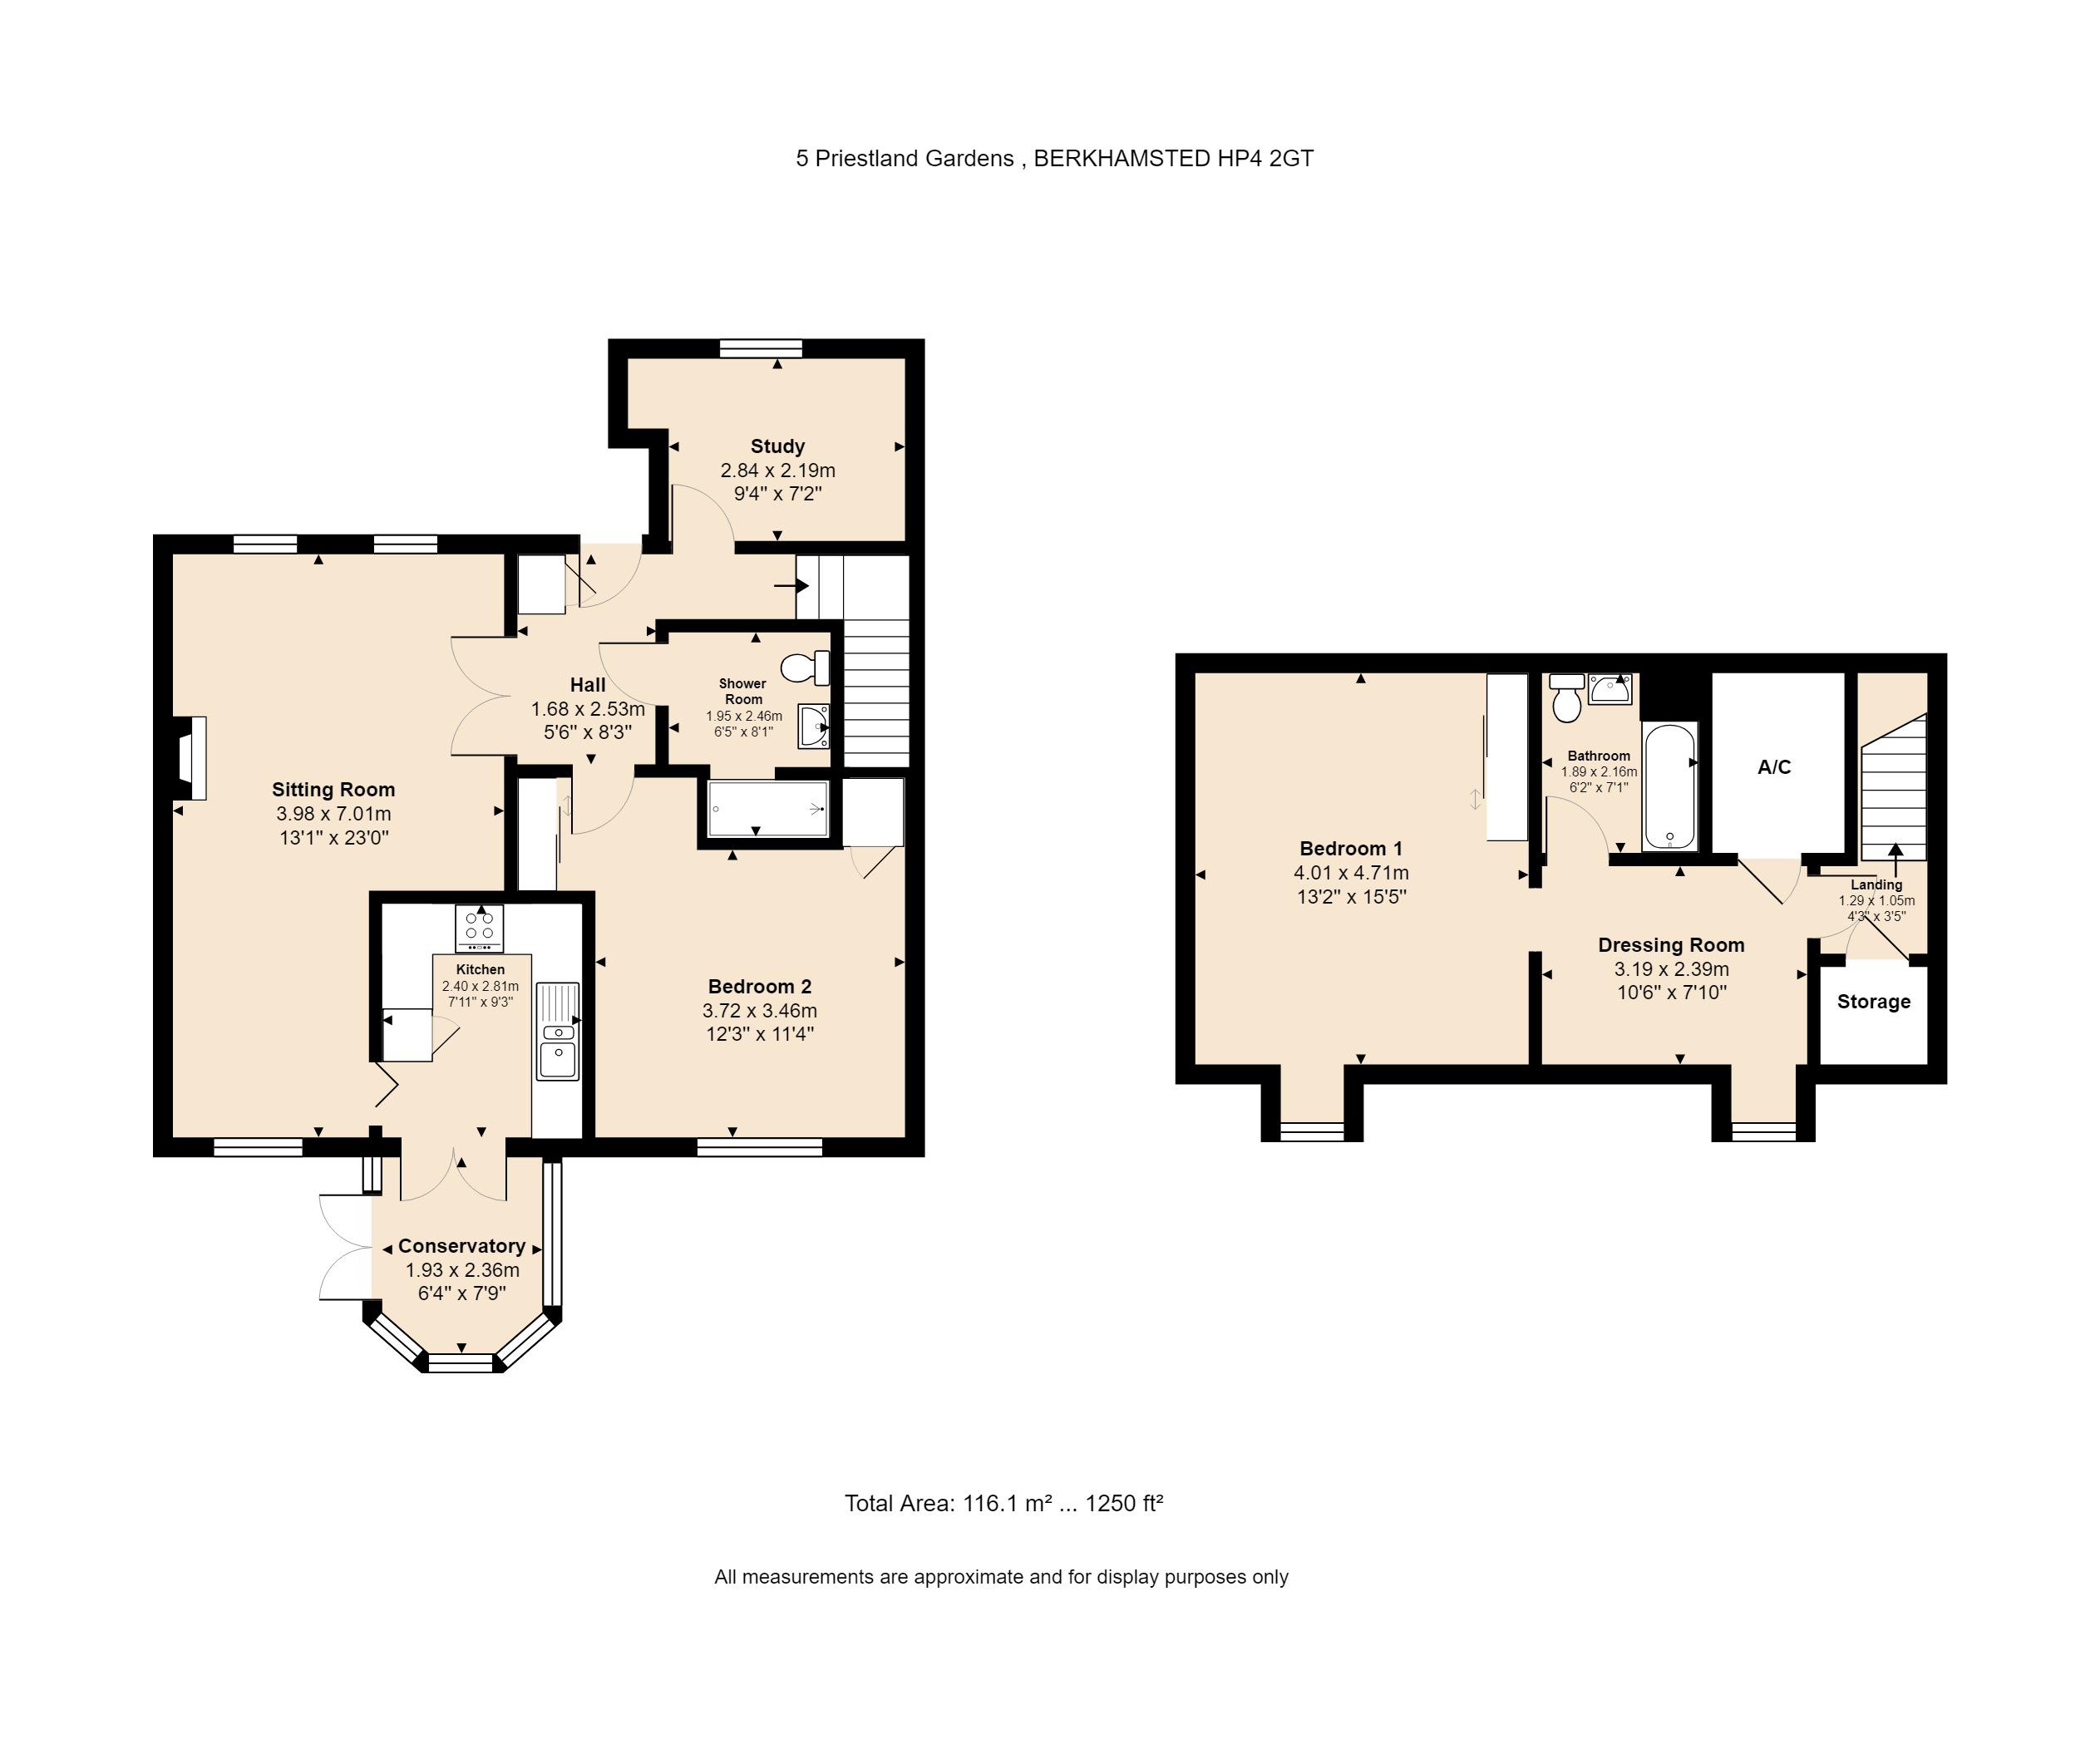 5 Priestland Gardens Floorplan